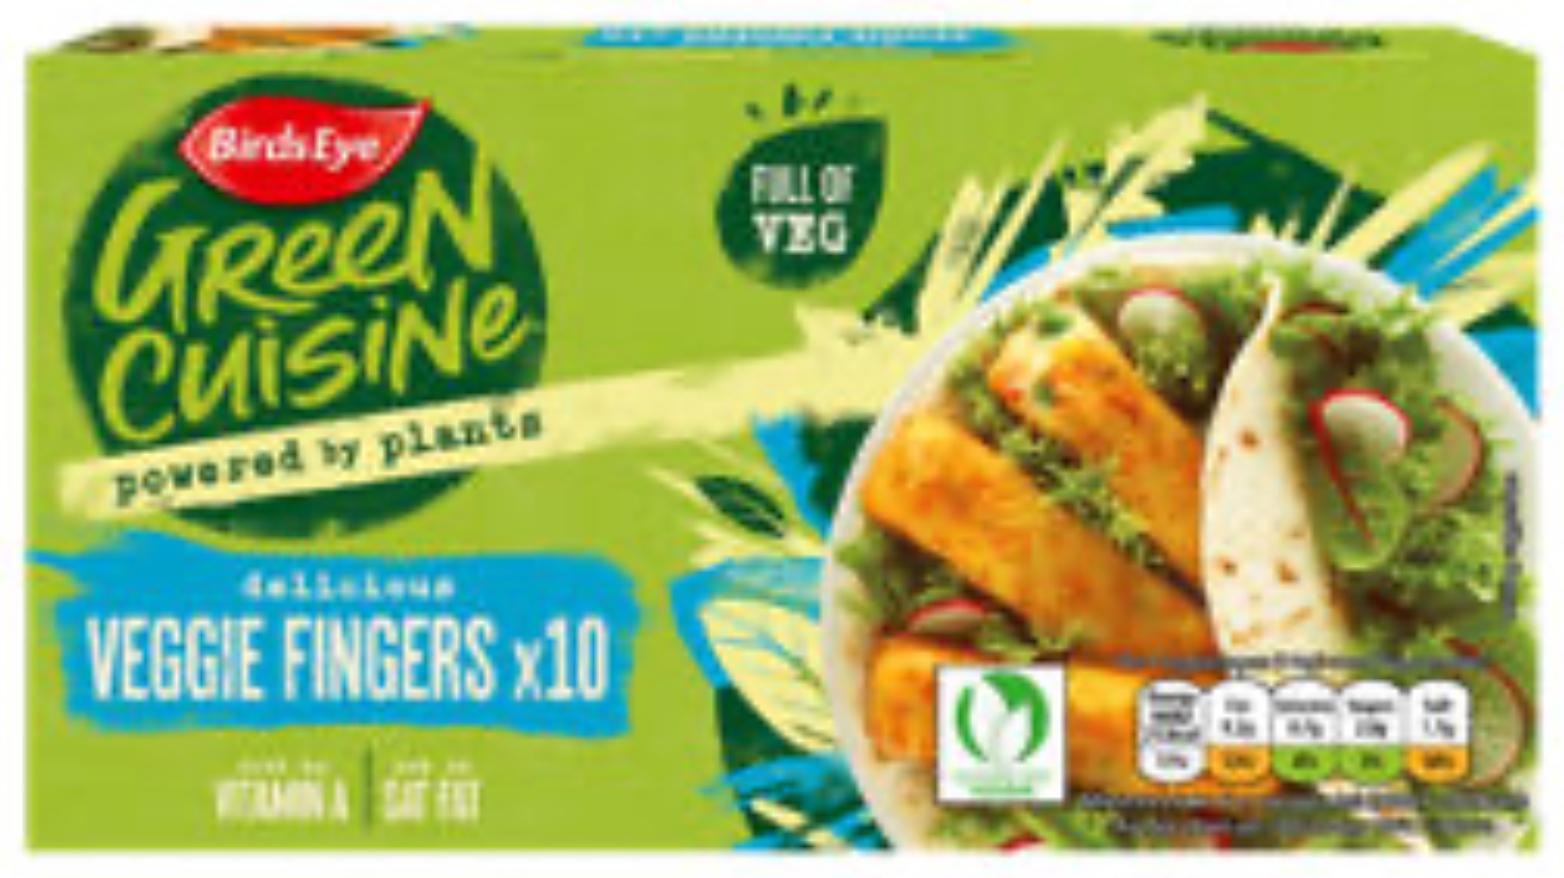 Birds Eye Green cuisine vegetable fingers 75p in Asda